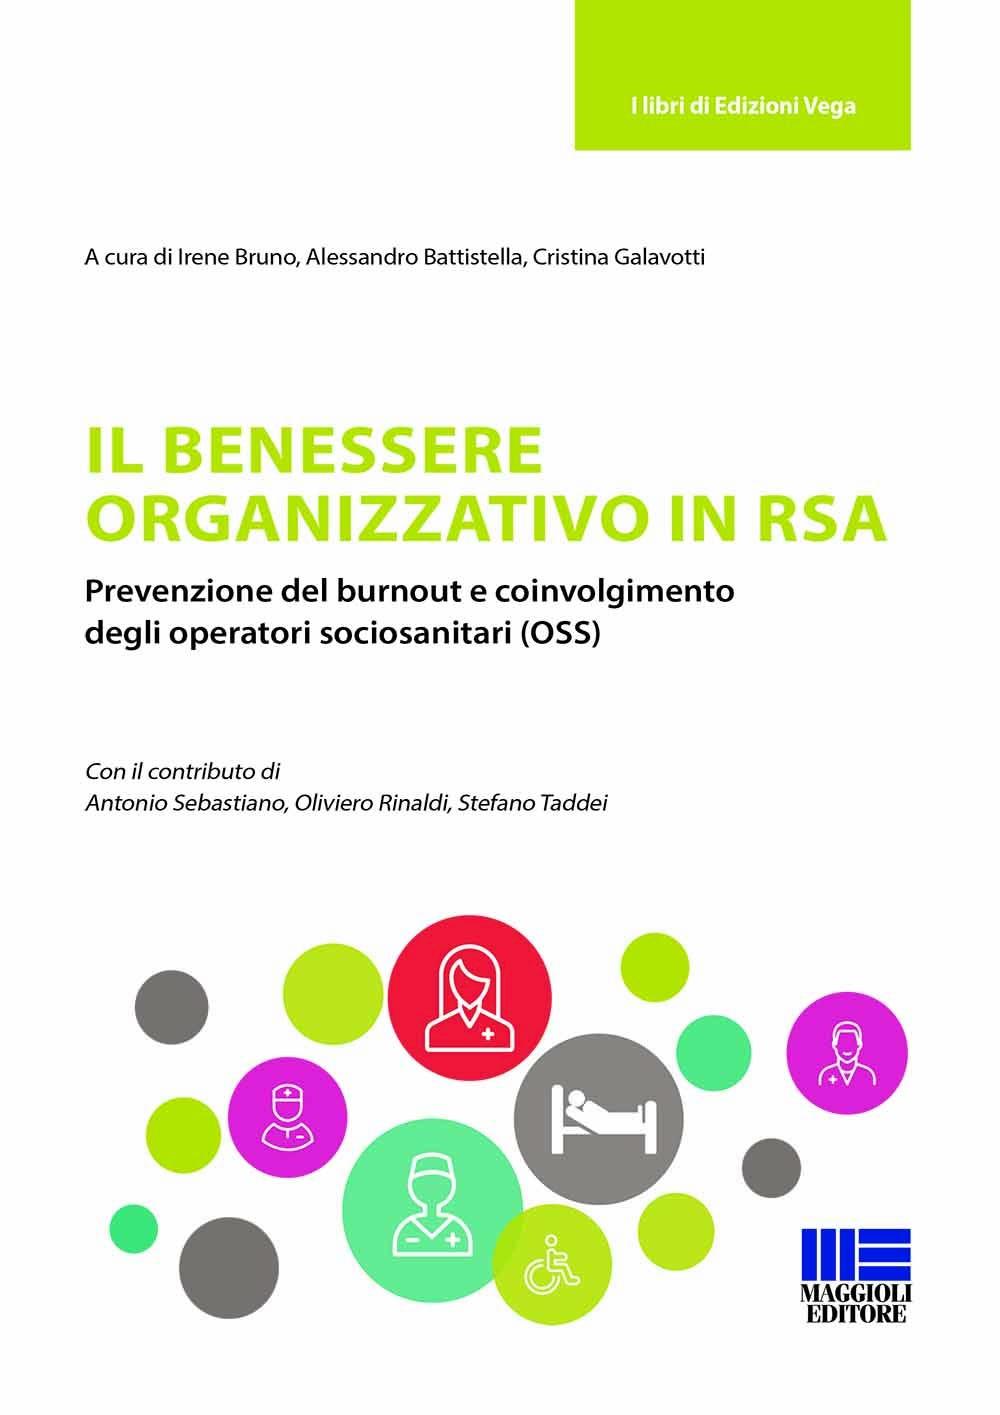 Il Benessere Organizzativo In Rsa Maggioli Editore